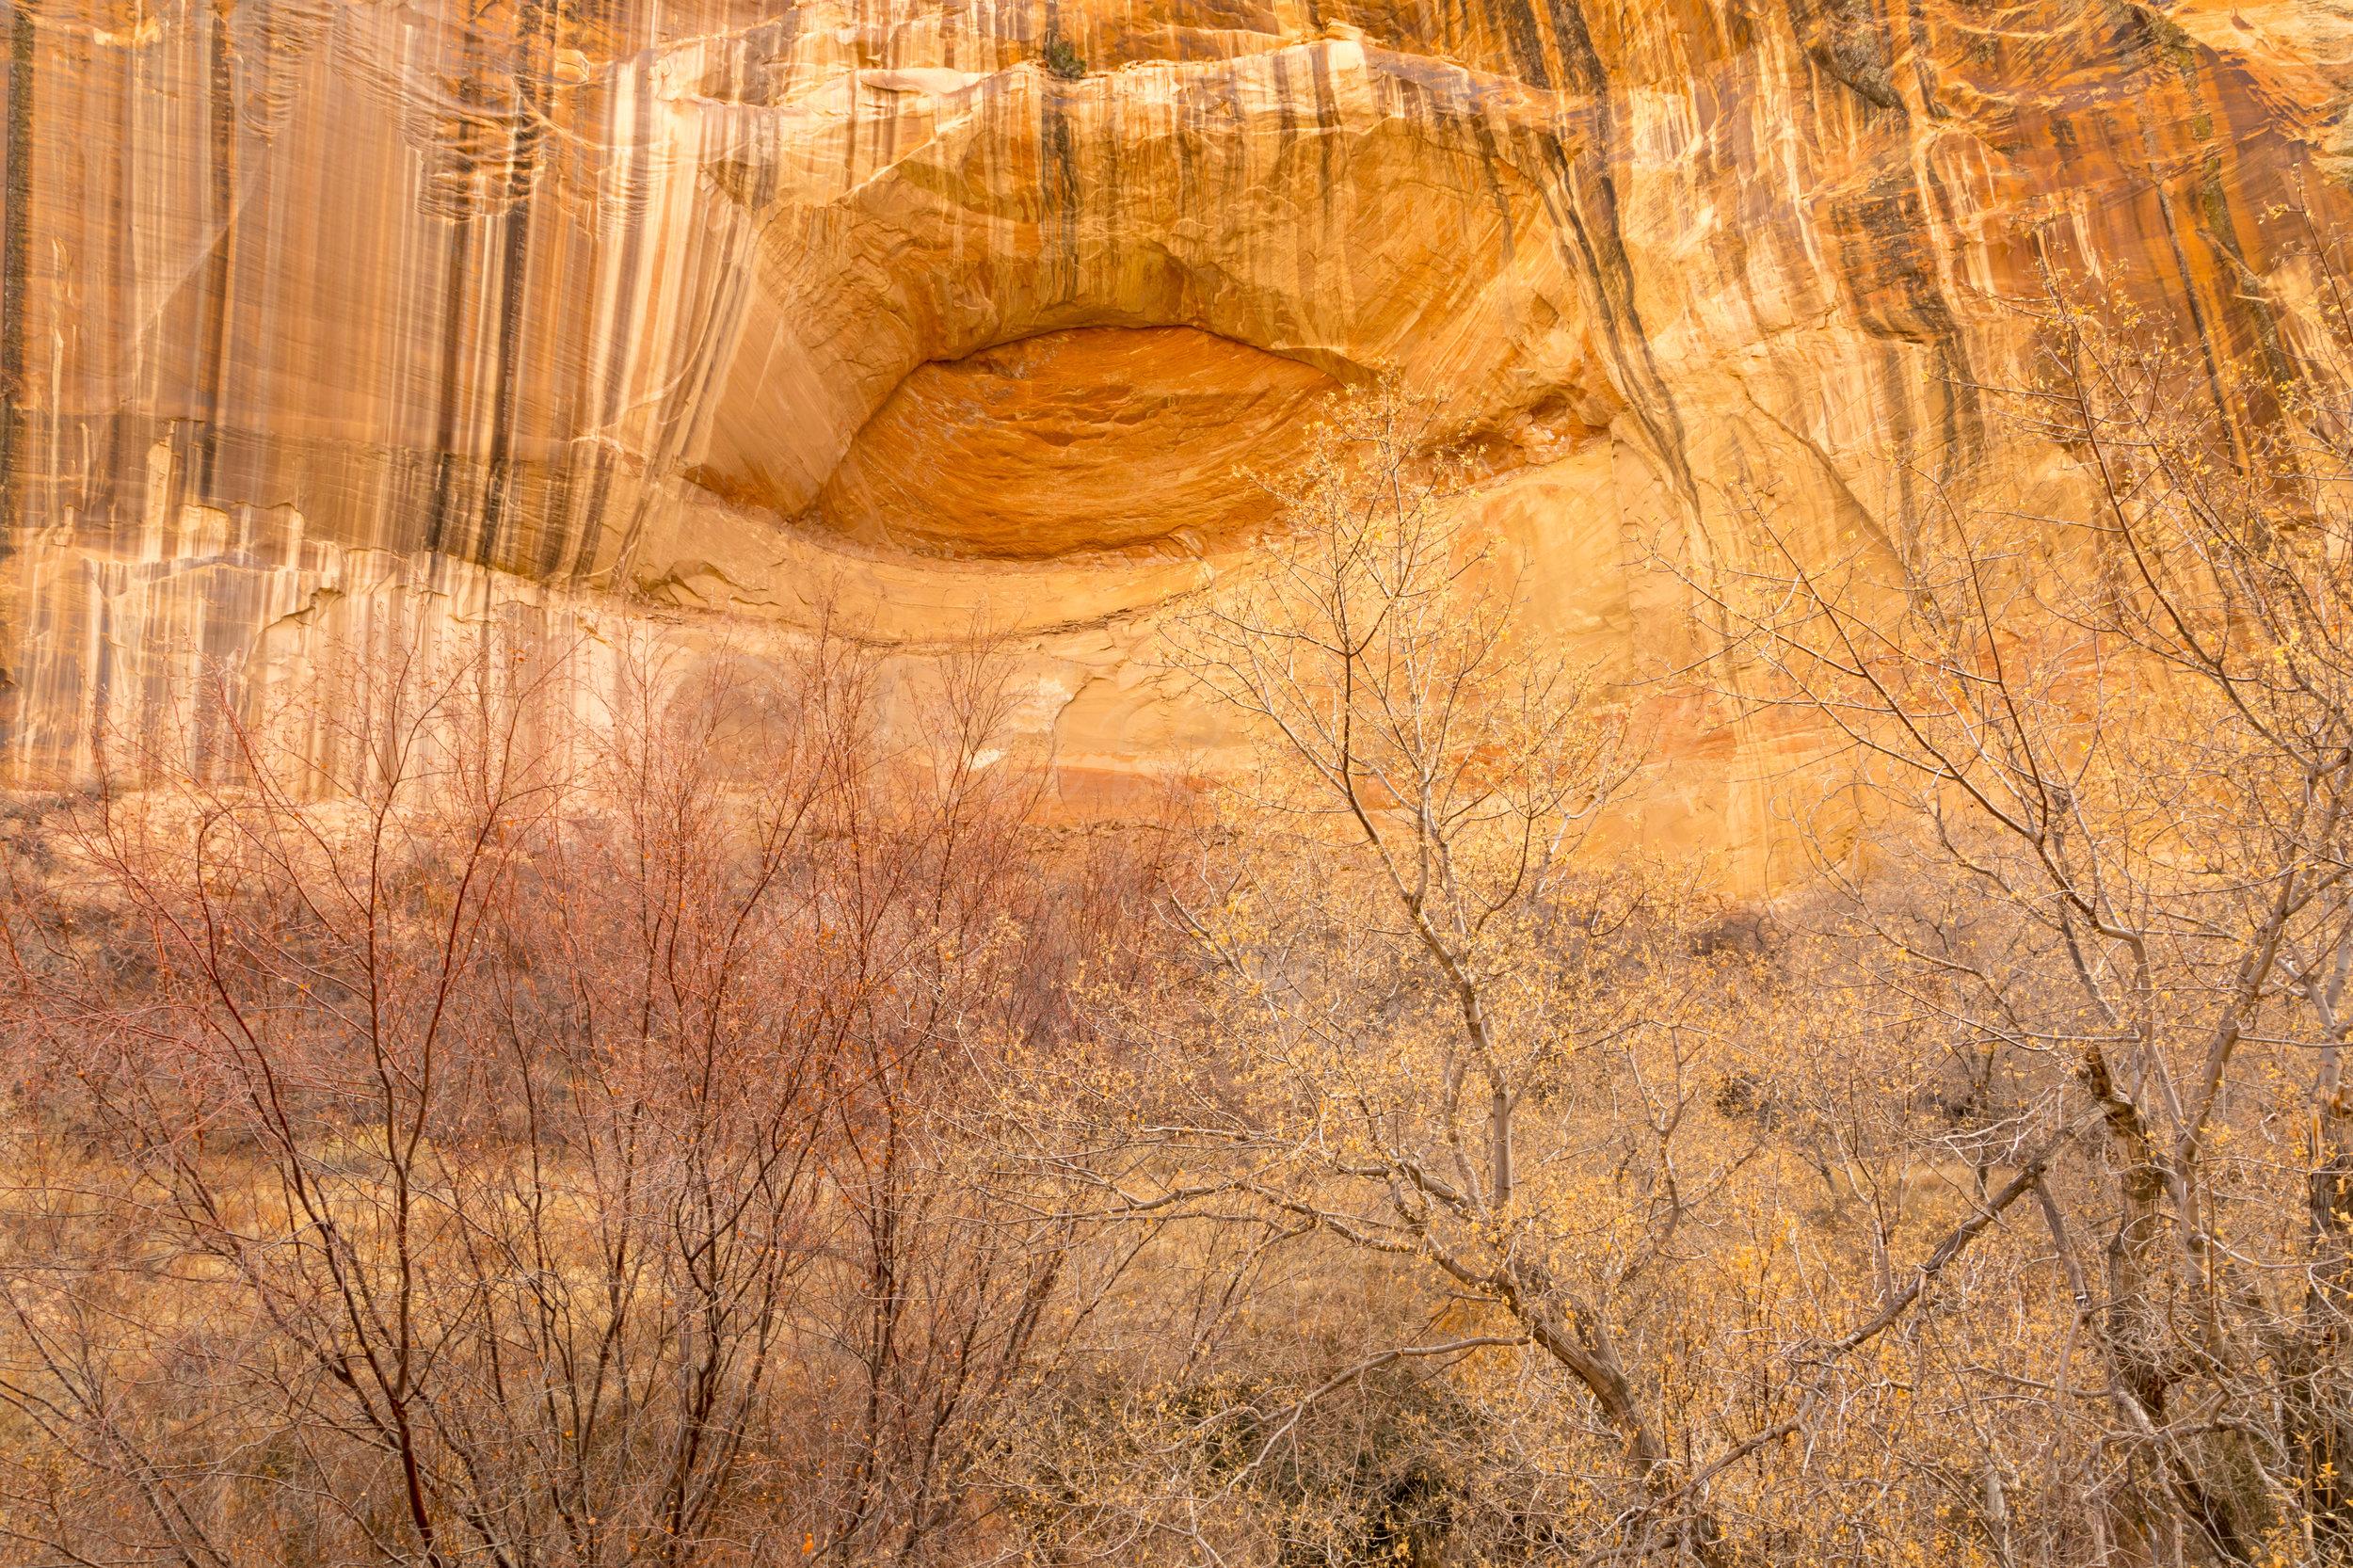 Lower Calf Creek Falls, Image # 3193